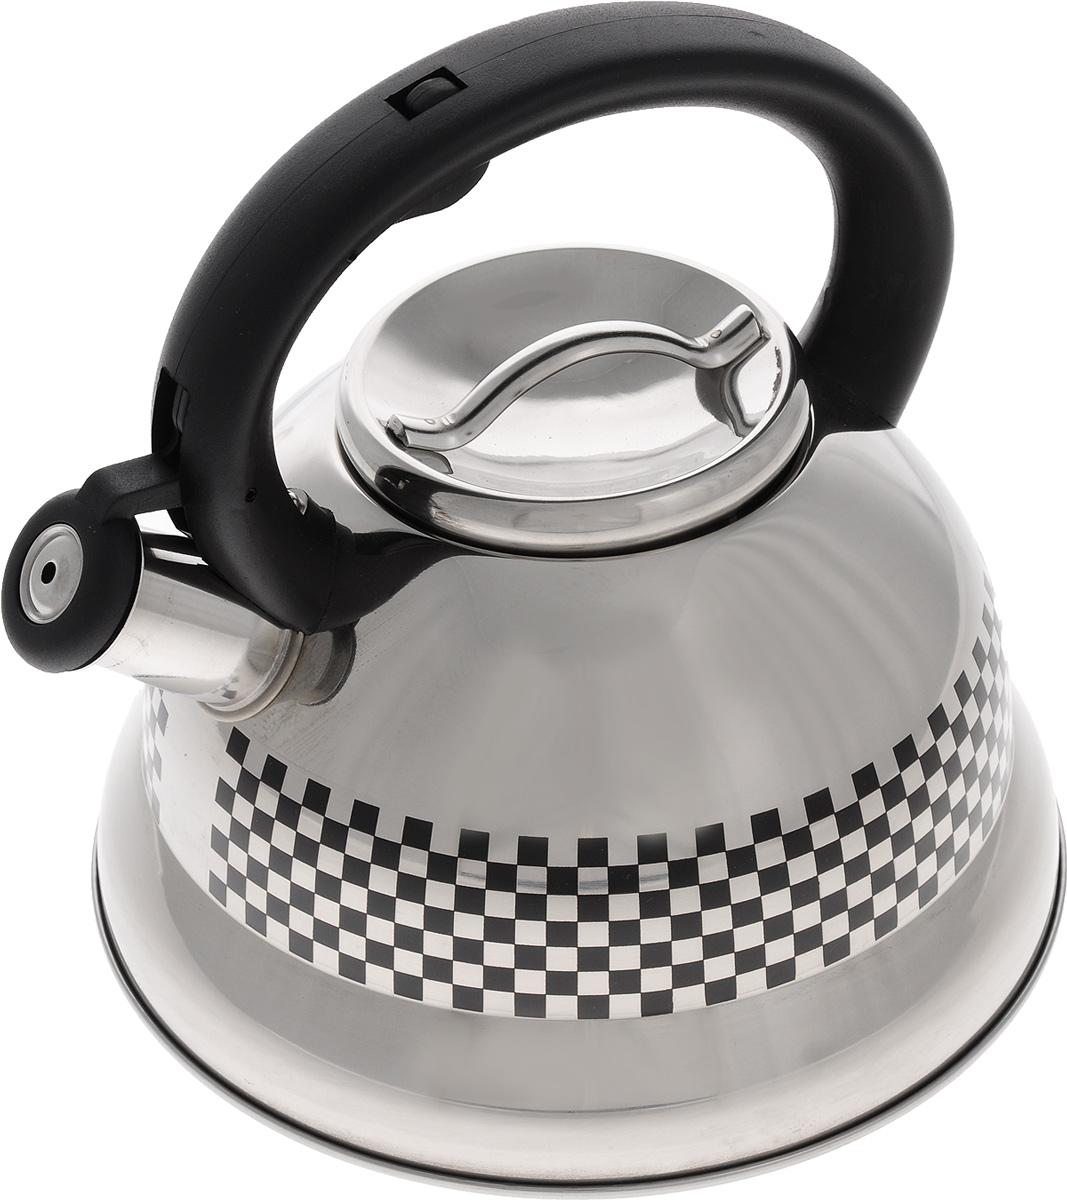 Чайник Mayer & Boch, со свистком, 2,6 л. 2417524175Чайник Mayer & Boch выполнен из высококачественной нержавеющей стали, что делает его весьма гигиеничным и устойчивым к износу при длительном использовании. Носик чайника оснащен откидным свистком, звуковой сигнал которого подскажет, когда закипит вода. Свисток открывается нажатием кнопки на ручке. Фиксированная ручка, изготовленная из прочного пластика, делает использование чайника очень удобным и безопасным. Поверхность чайника гладкая, что облегчает уход за ним. Эстетичный и функциональный, такой чайник будет оригинально смотреться в любом интерьере. Чайник пригоден для всех типов плит, включая индукционные. Можно мыть в посудомоечной машине. Высота чайника (без учета ручки и крышки): 12 см. Высота чайника (с учетом ручки и крышки): 22,5 см. Диаметр чайника (по верхнему краю): 10 см.